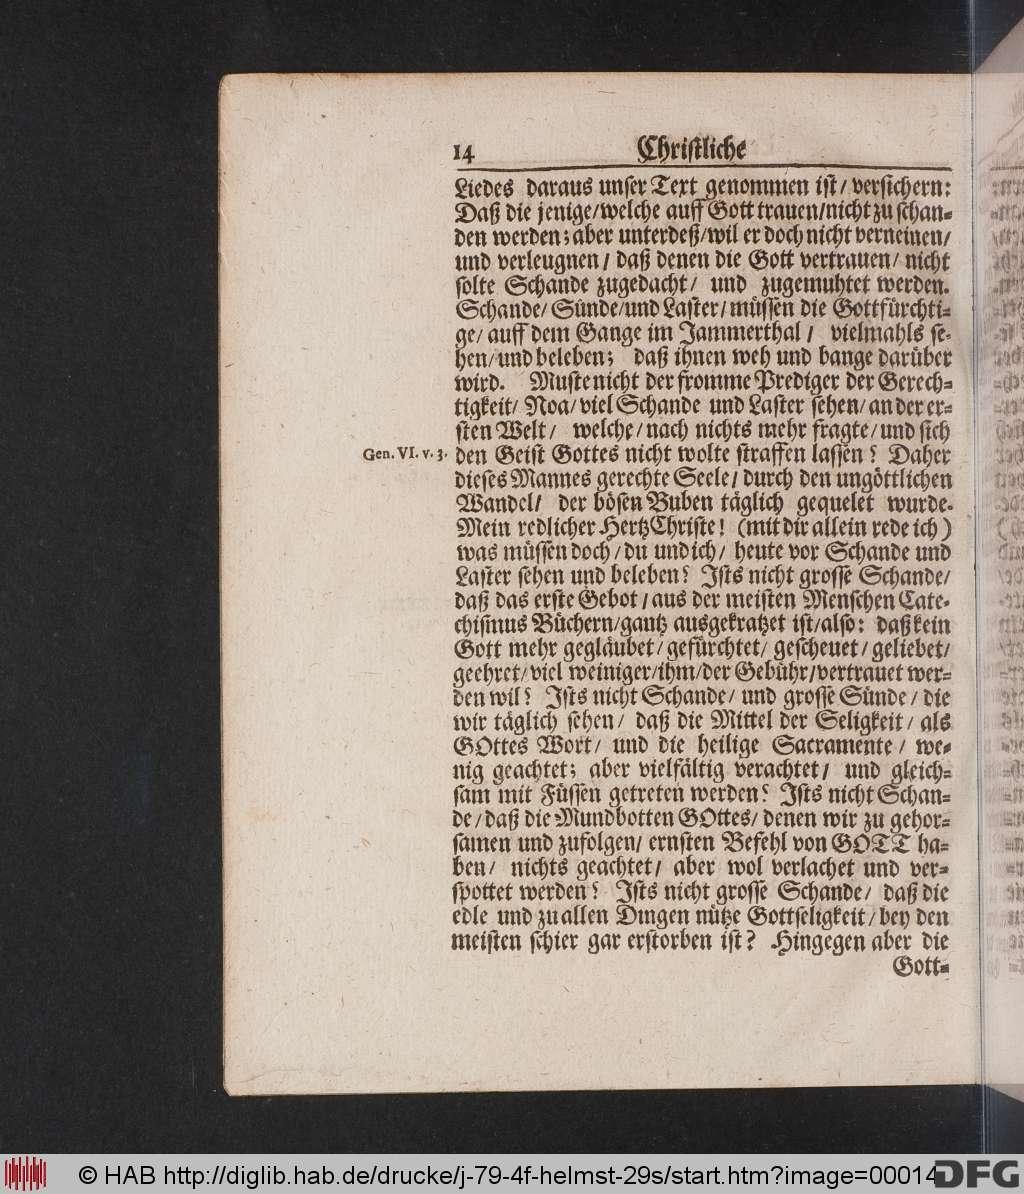 http://diglib.hab.de/drucke/j-79-4f-helmst-29s/00014.jpg